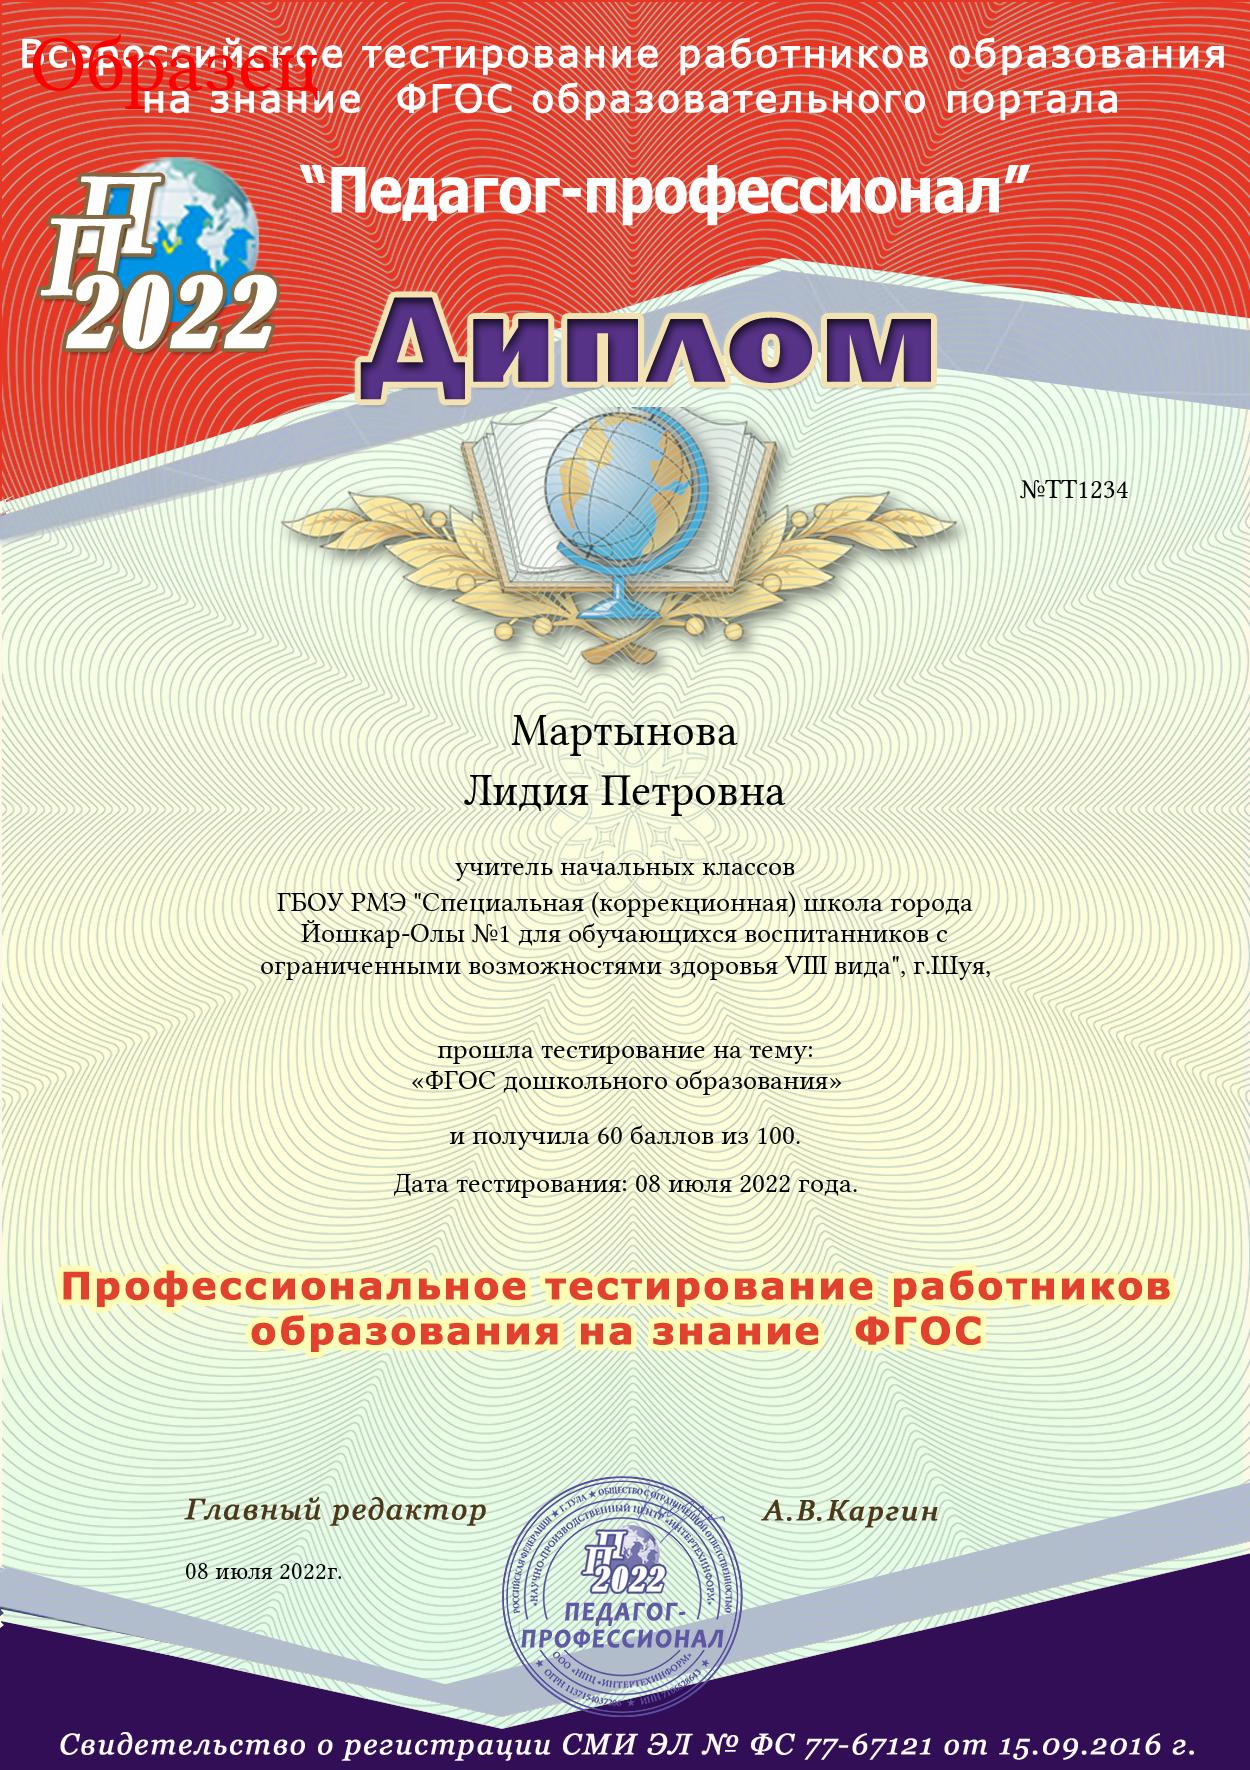 Педагог профессионал Онлайн тестирование на знание ФГОС 50 руб подробно